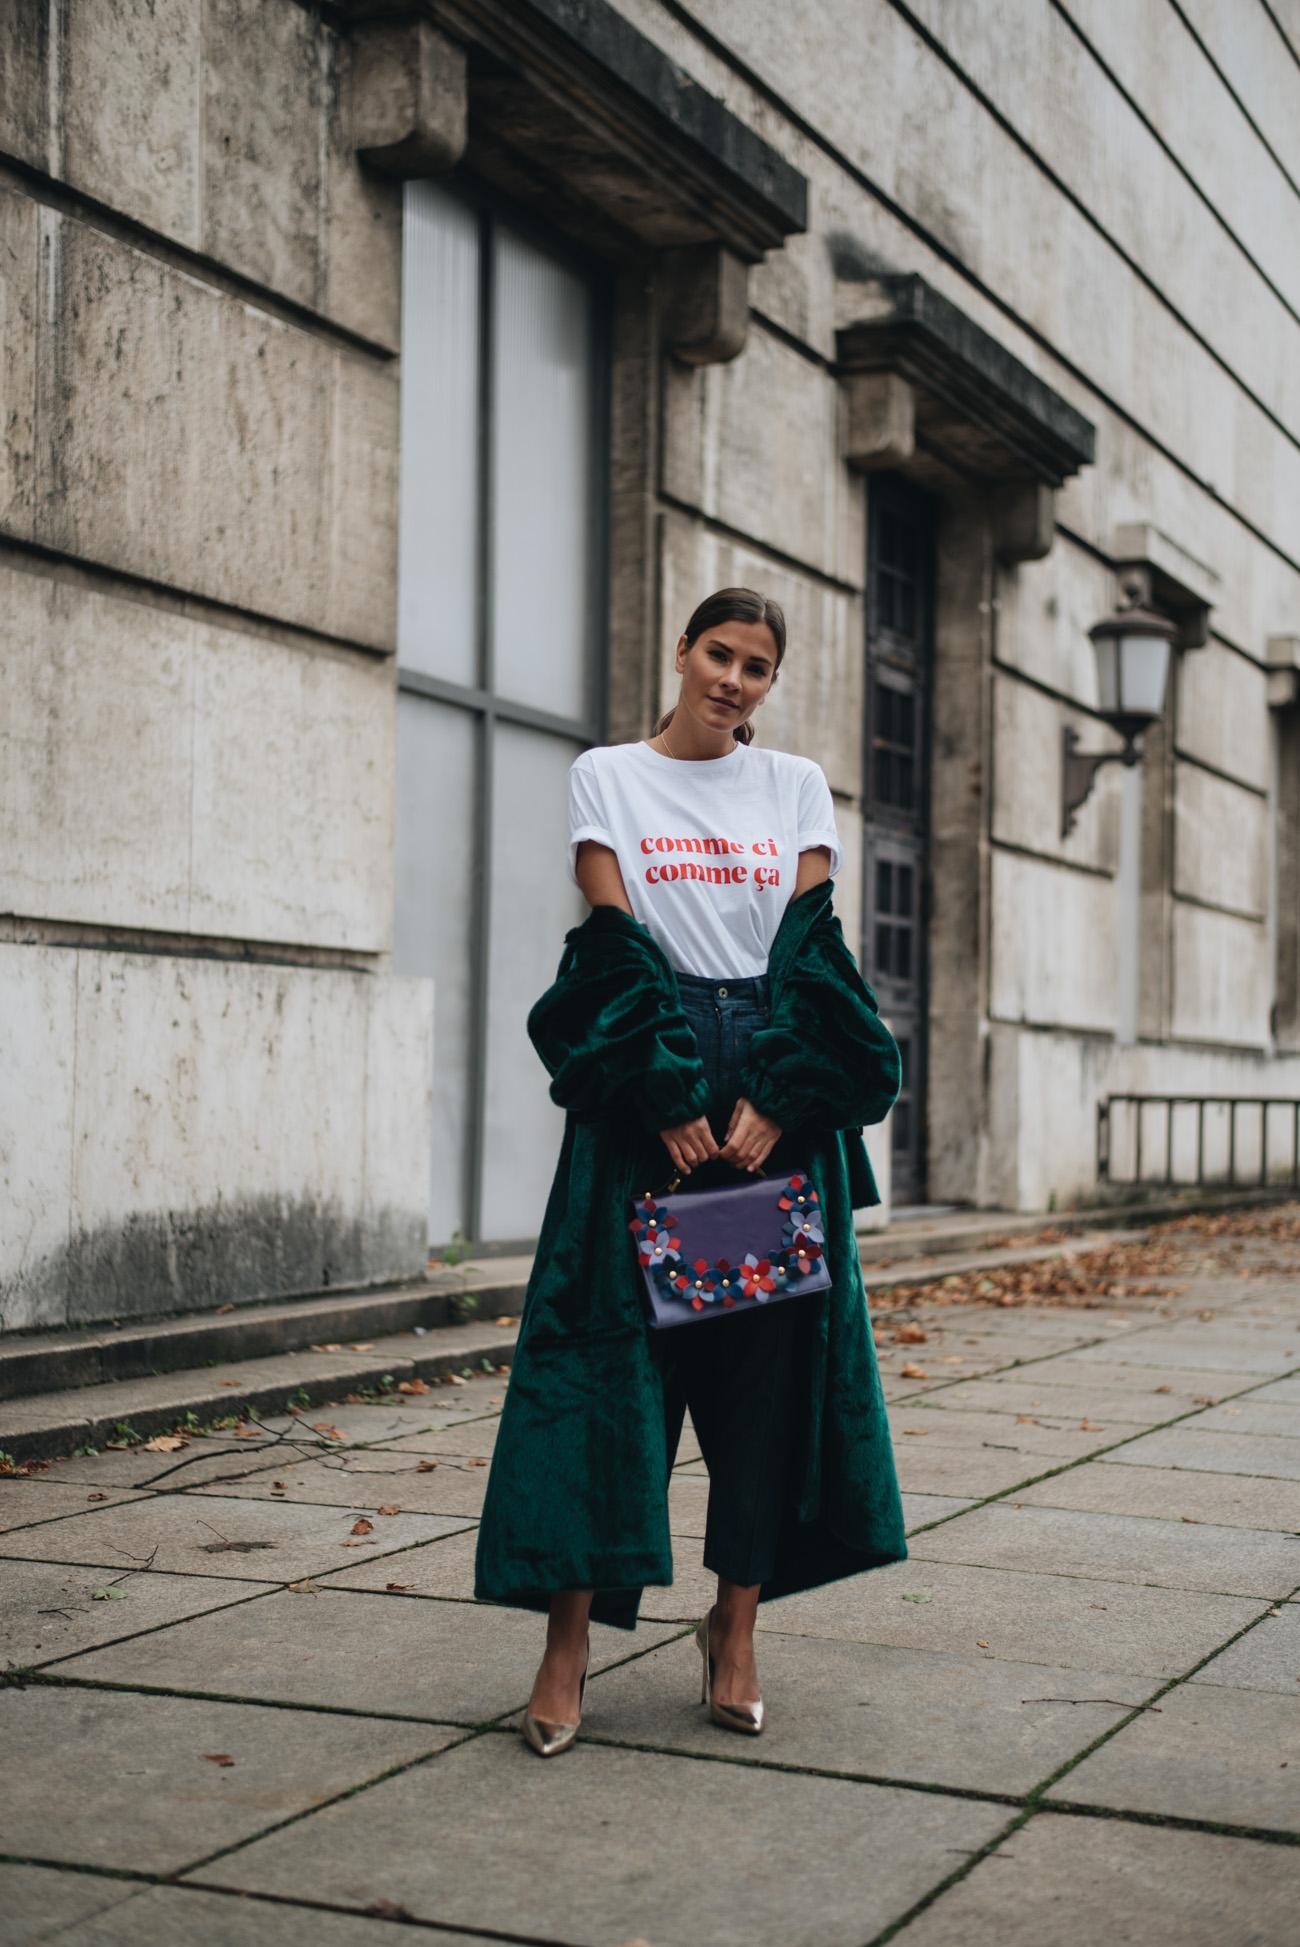 Minty-Square-online-shop-streestyle-blogger-style-Nina-Schwichtenberg-mode-bloggerin-fashion-lifestyle-deutschland-münchen-fashiioncarpet